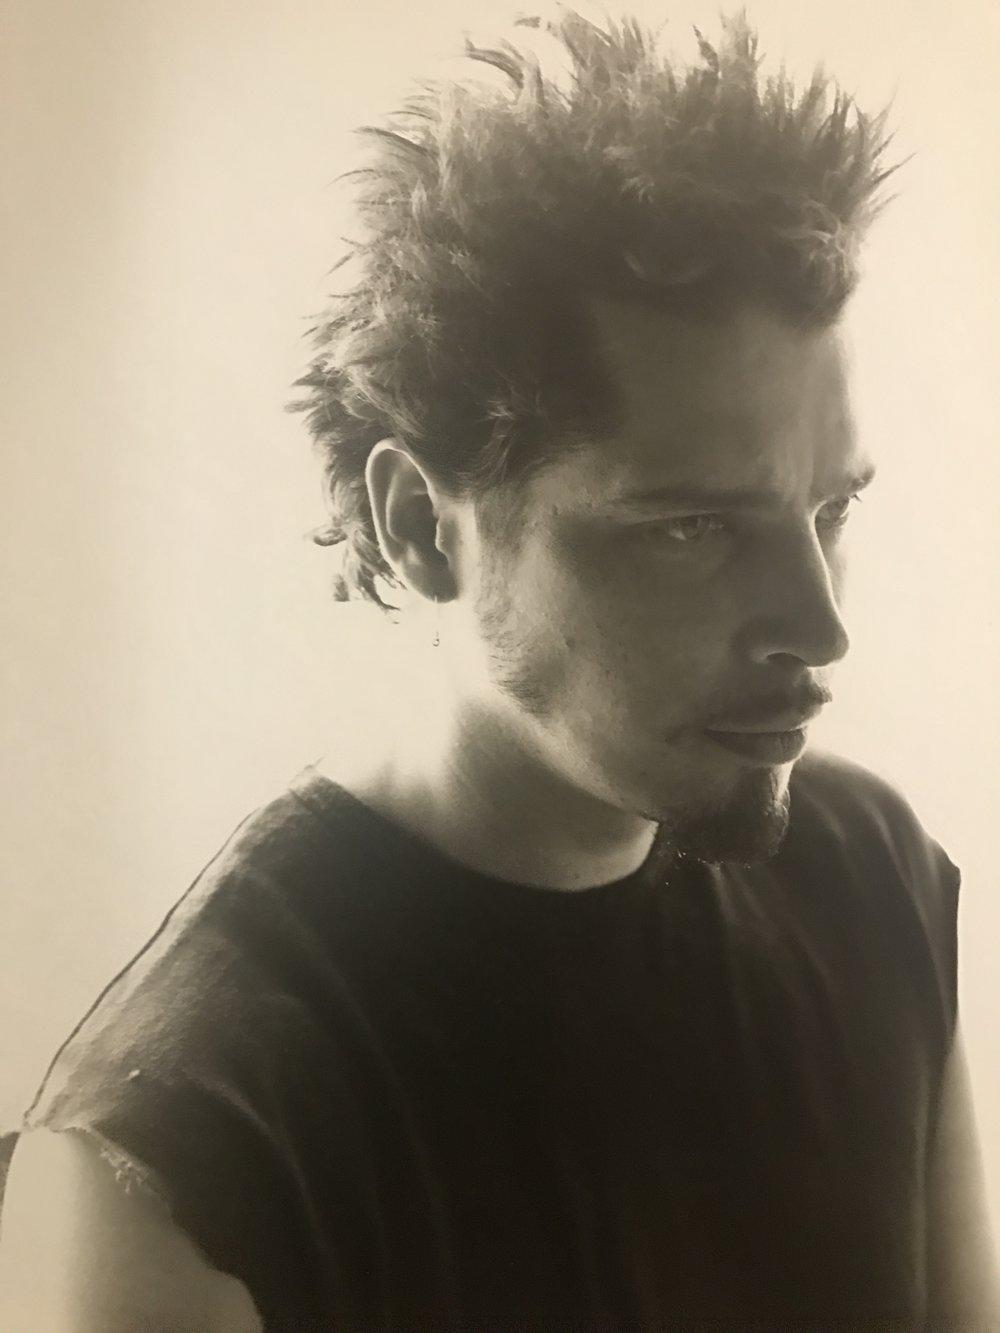 Chris Cornell Soundgarden audioslave J Elster.JPG